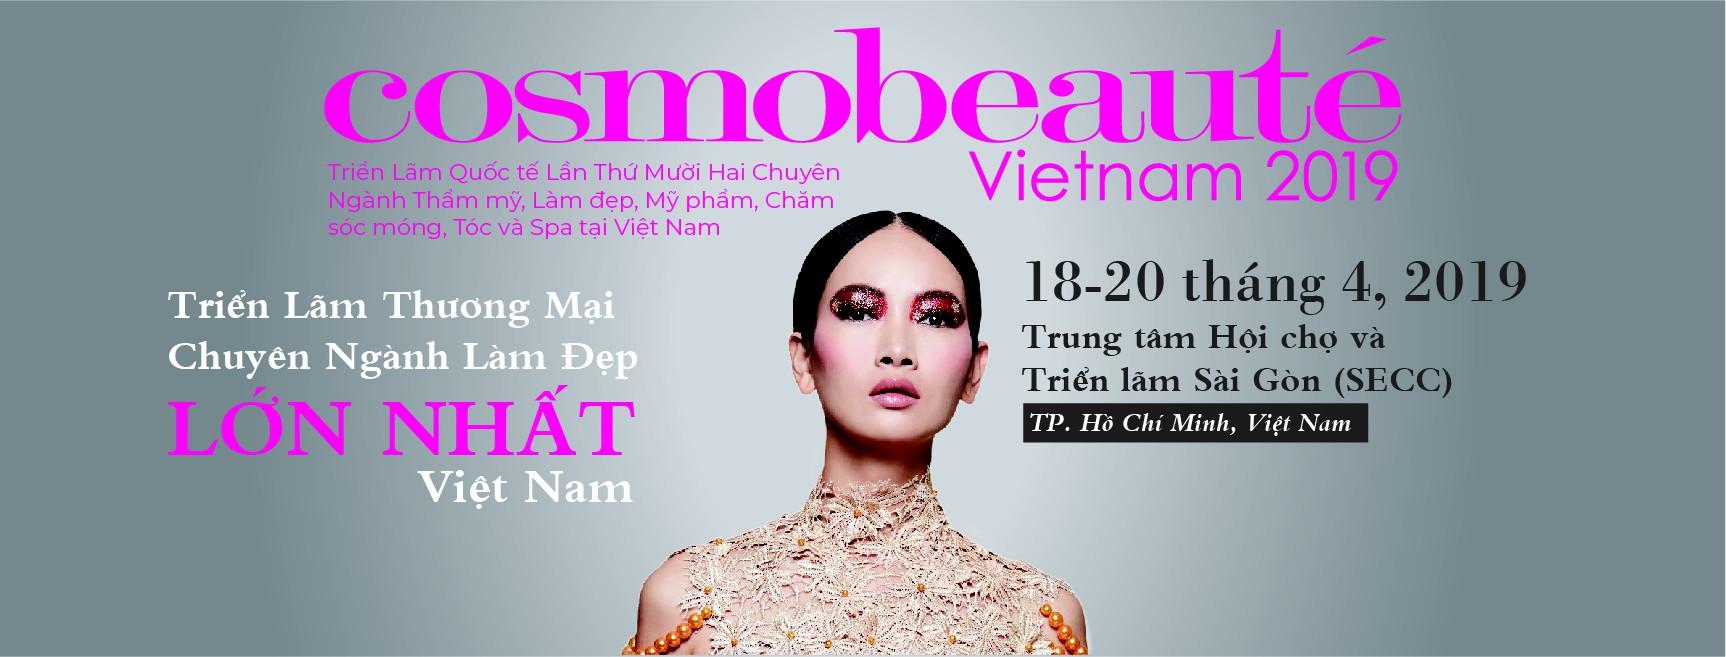 Bạn ơi, hãy sẵn sàng khuấy đảo Cosmobeauté Vietnam 2019 - Ảnh 1.